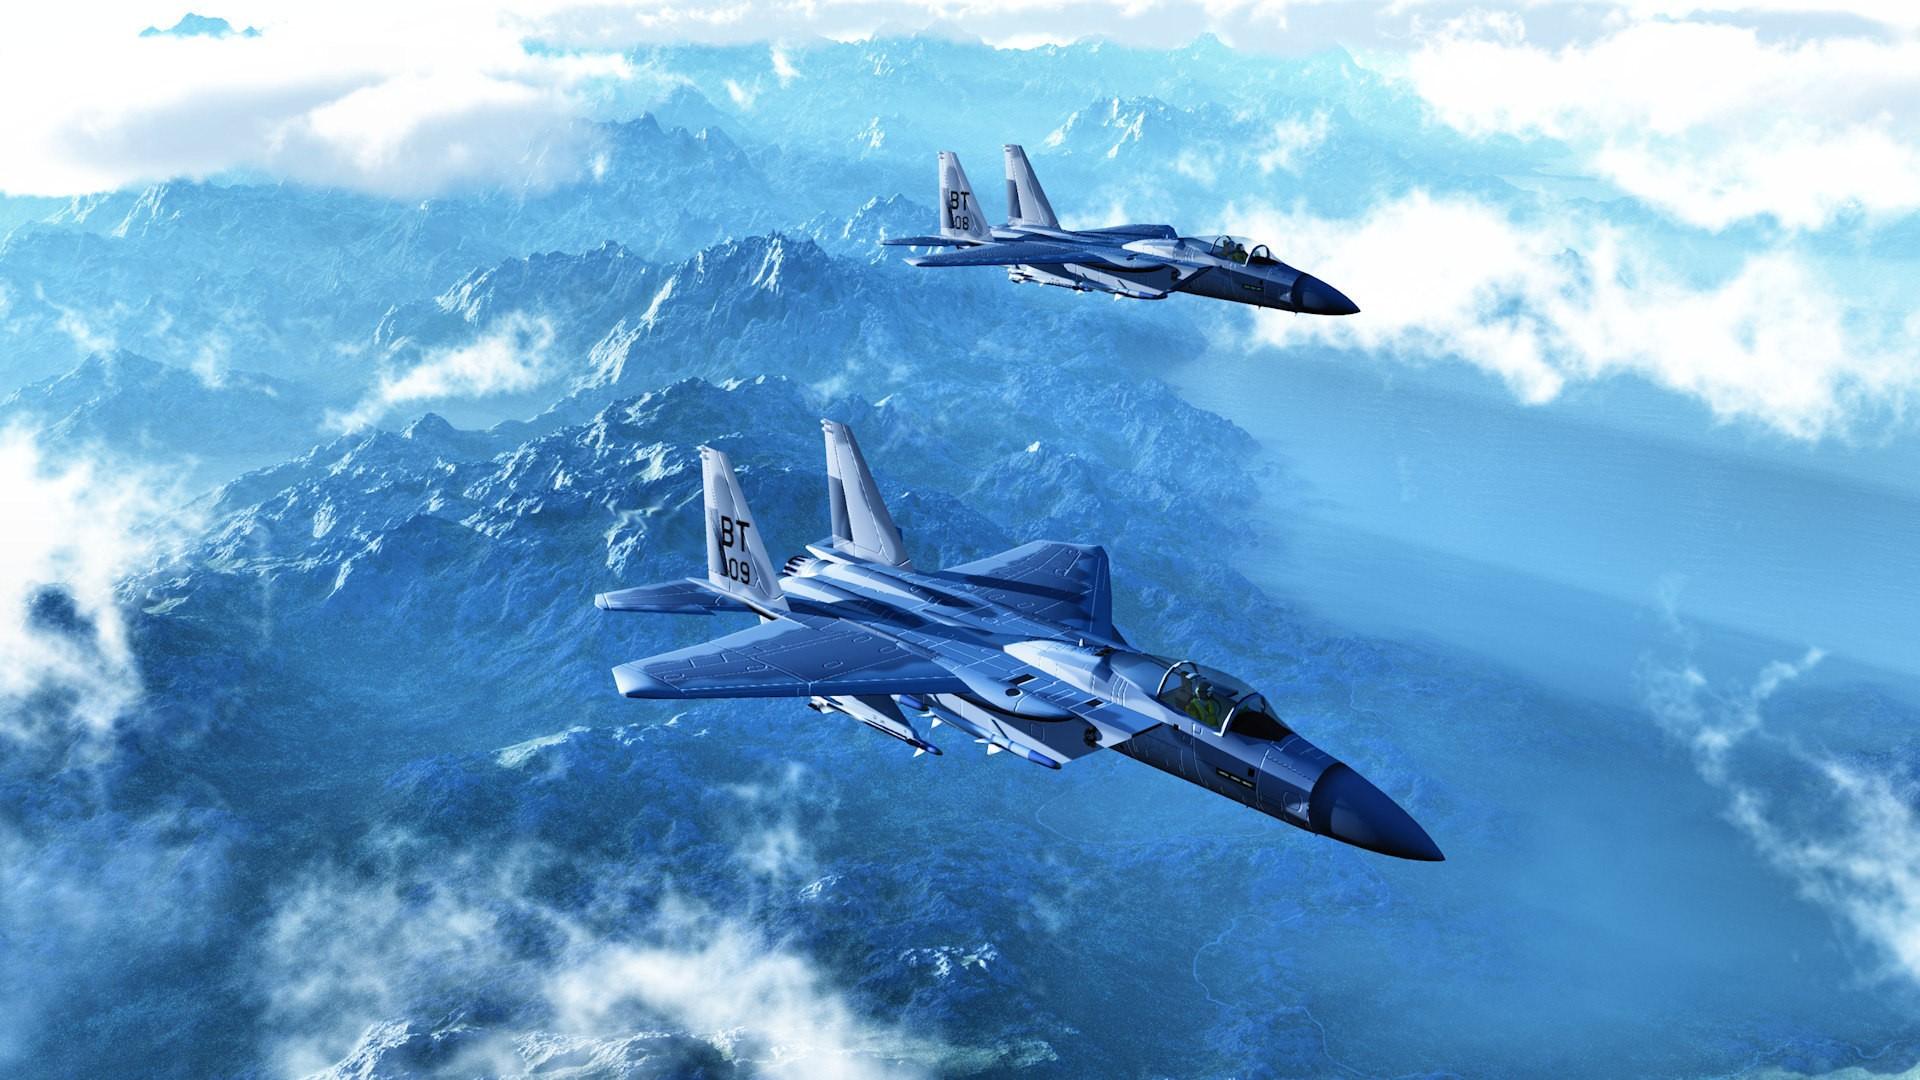 Картинки на тему авиация и космос, днем рождения сестренке